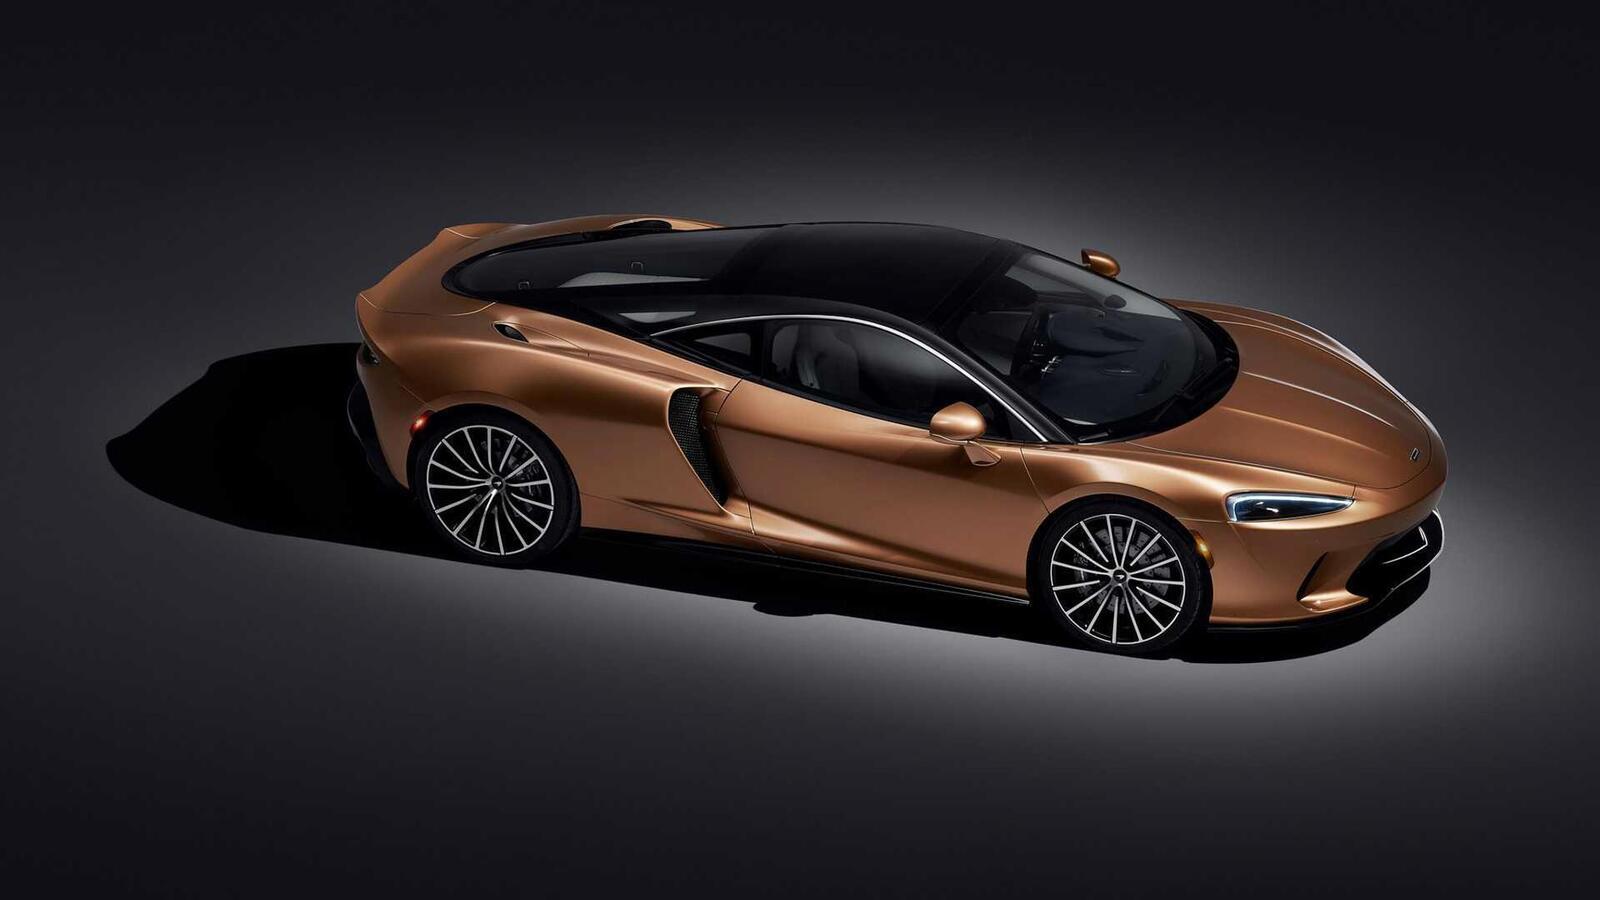 McLaren giới thiệu siêu xe GT 2020 hoàn toàn mới: Động cơ mạnh mẽ và cabin thoải mái - Hình 20